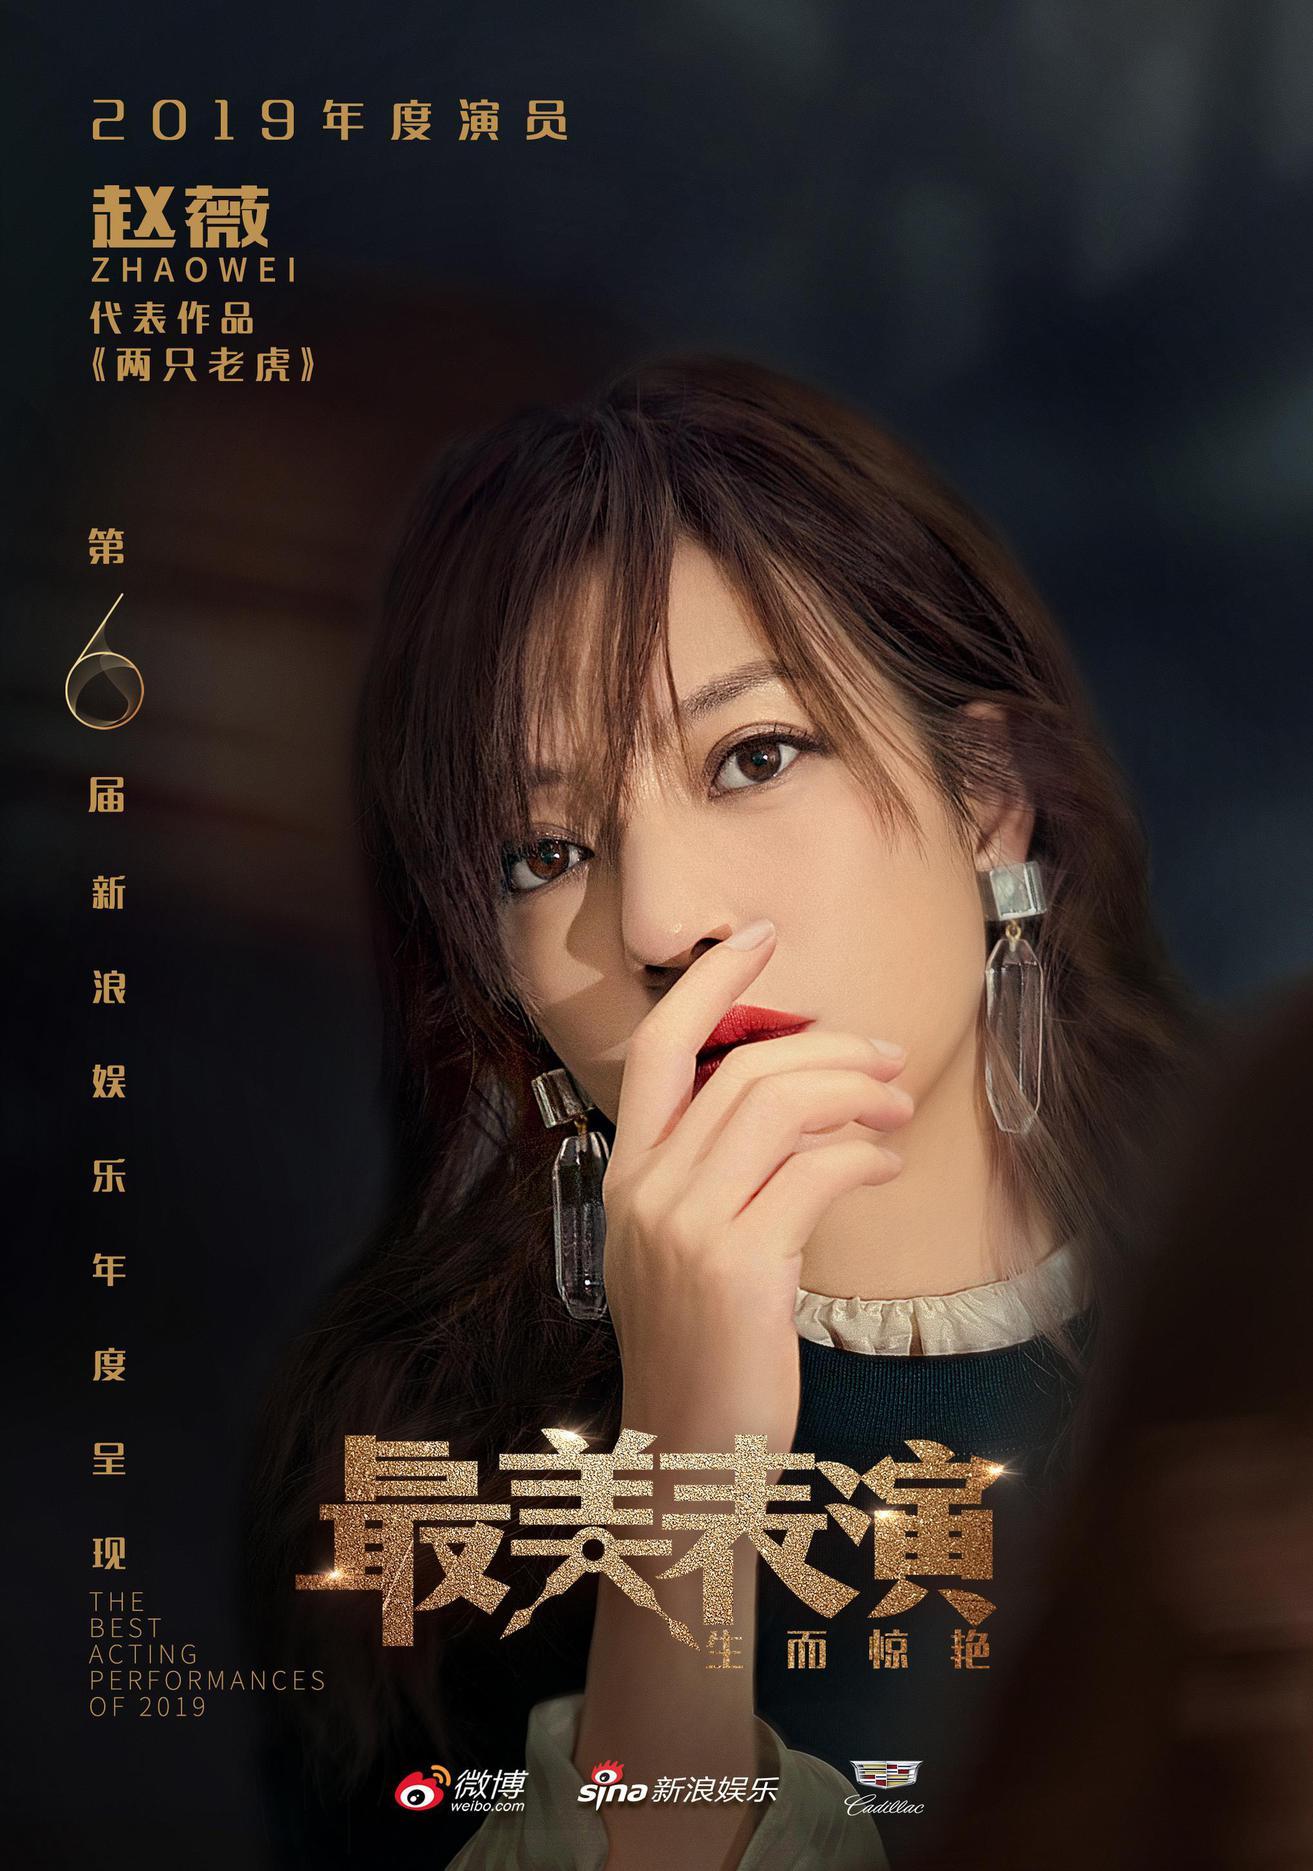 2019最美表演-赵薇